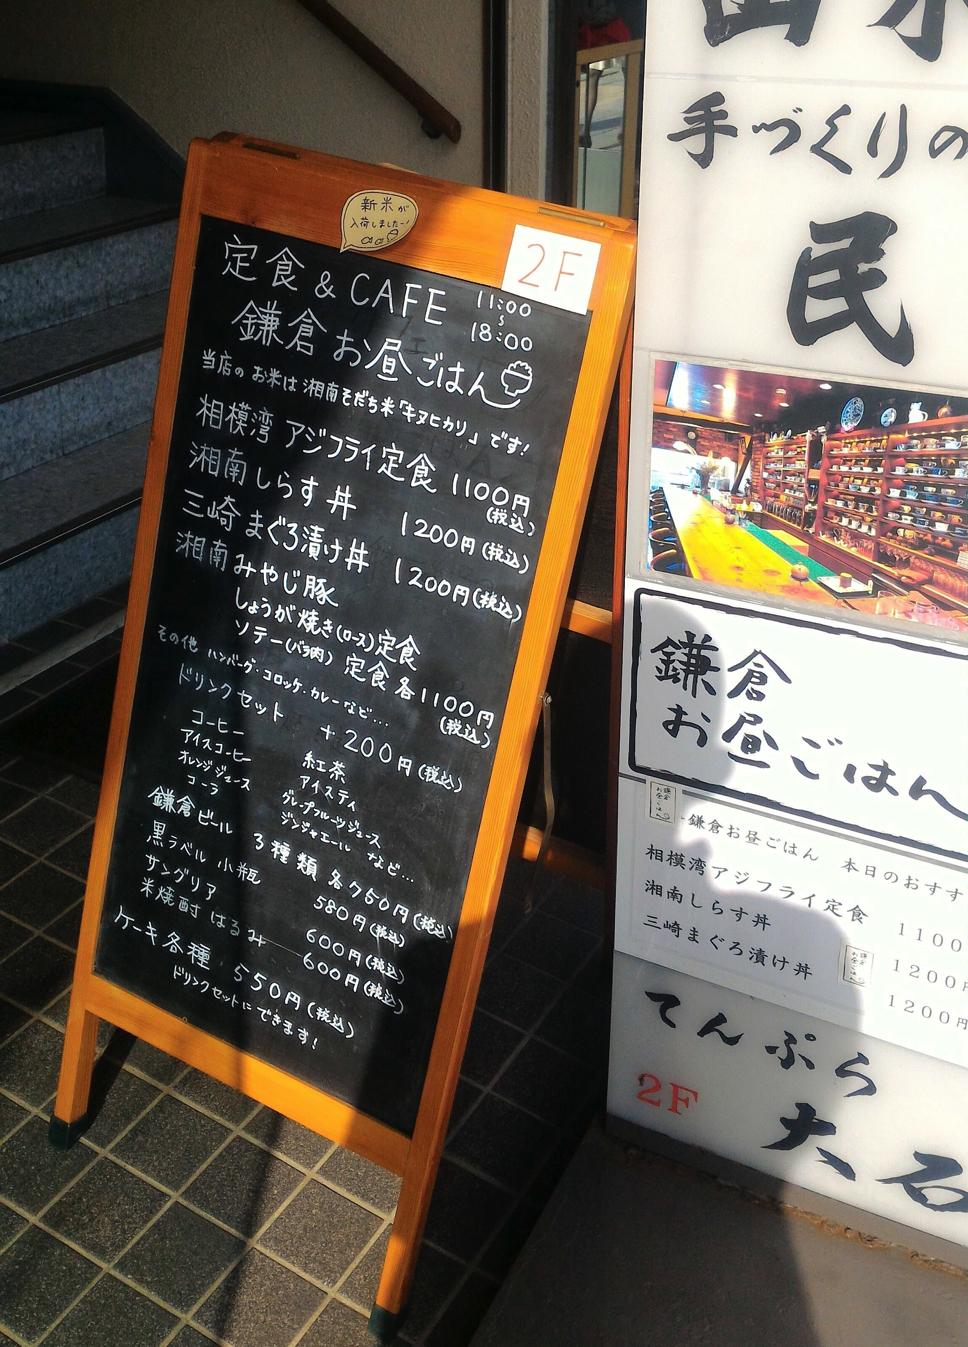 やっぱり鎌倉は、面白い。小さきお店たちの町並み。